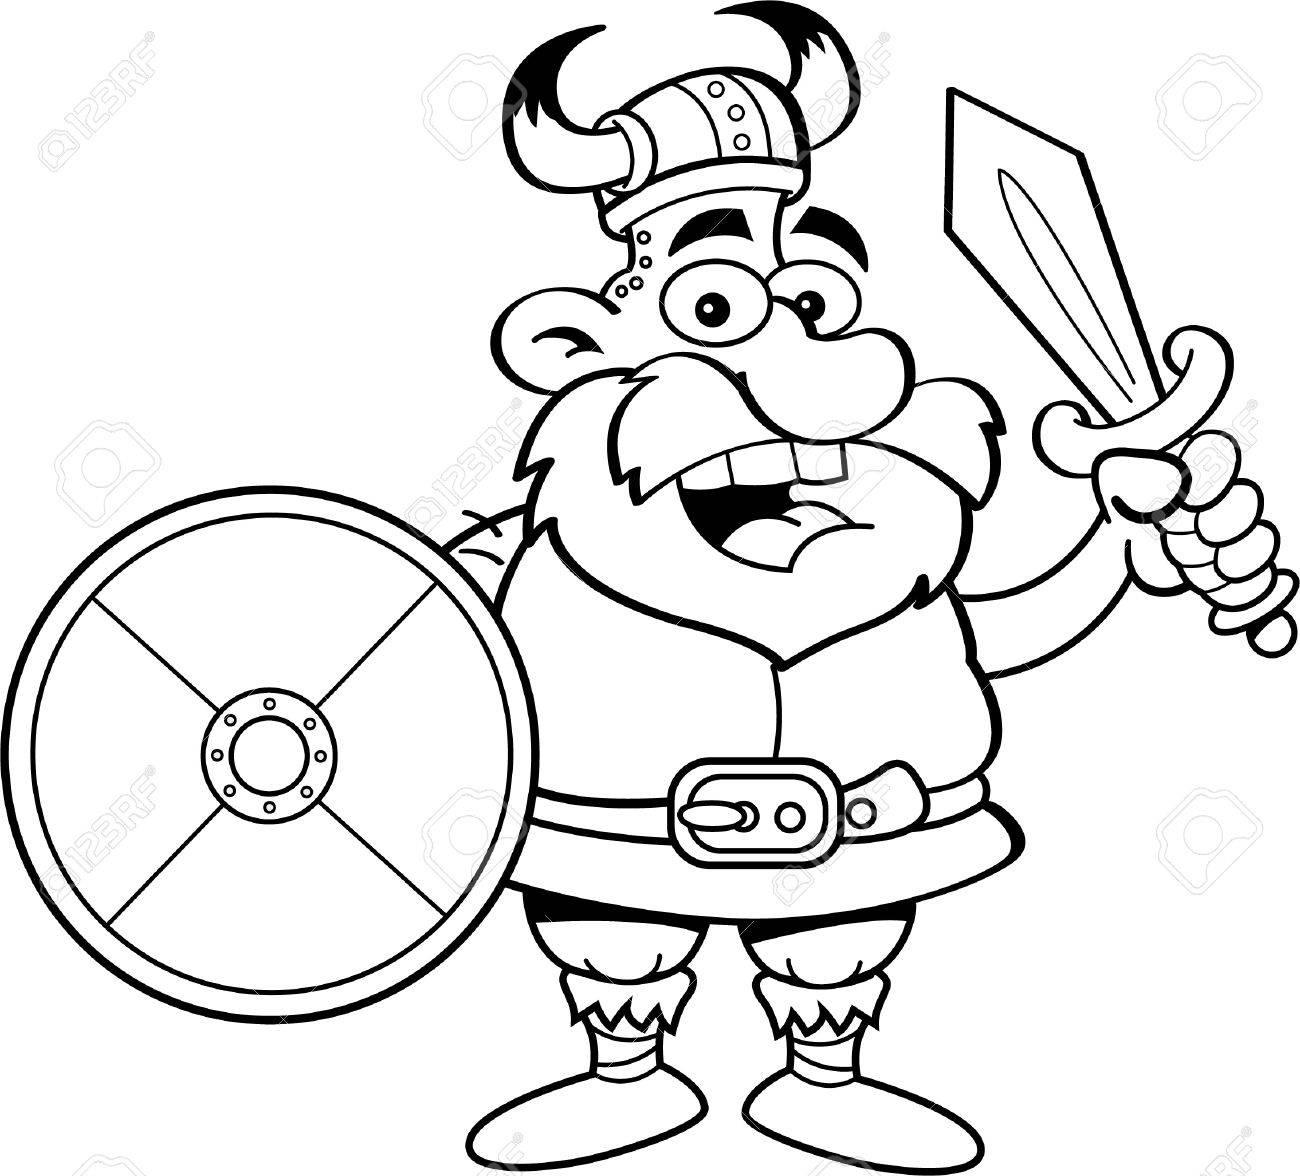 Ilustración En Blanco Y Negro De Un Vikingo Que Sostiene Un Escudo Y ...